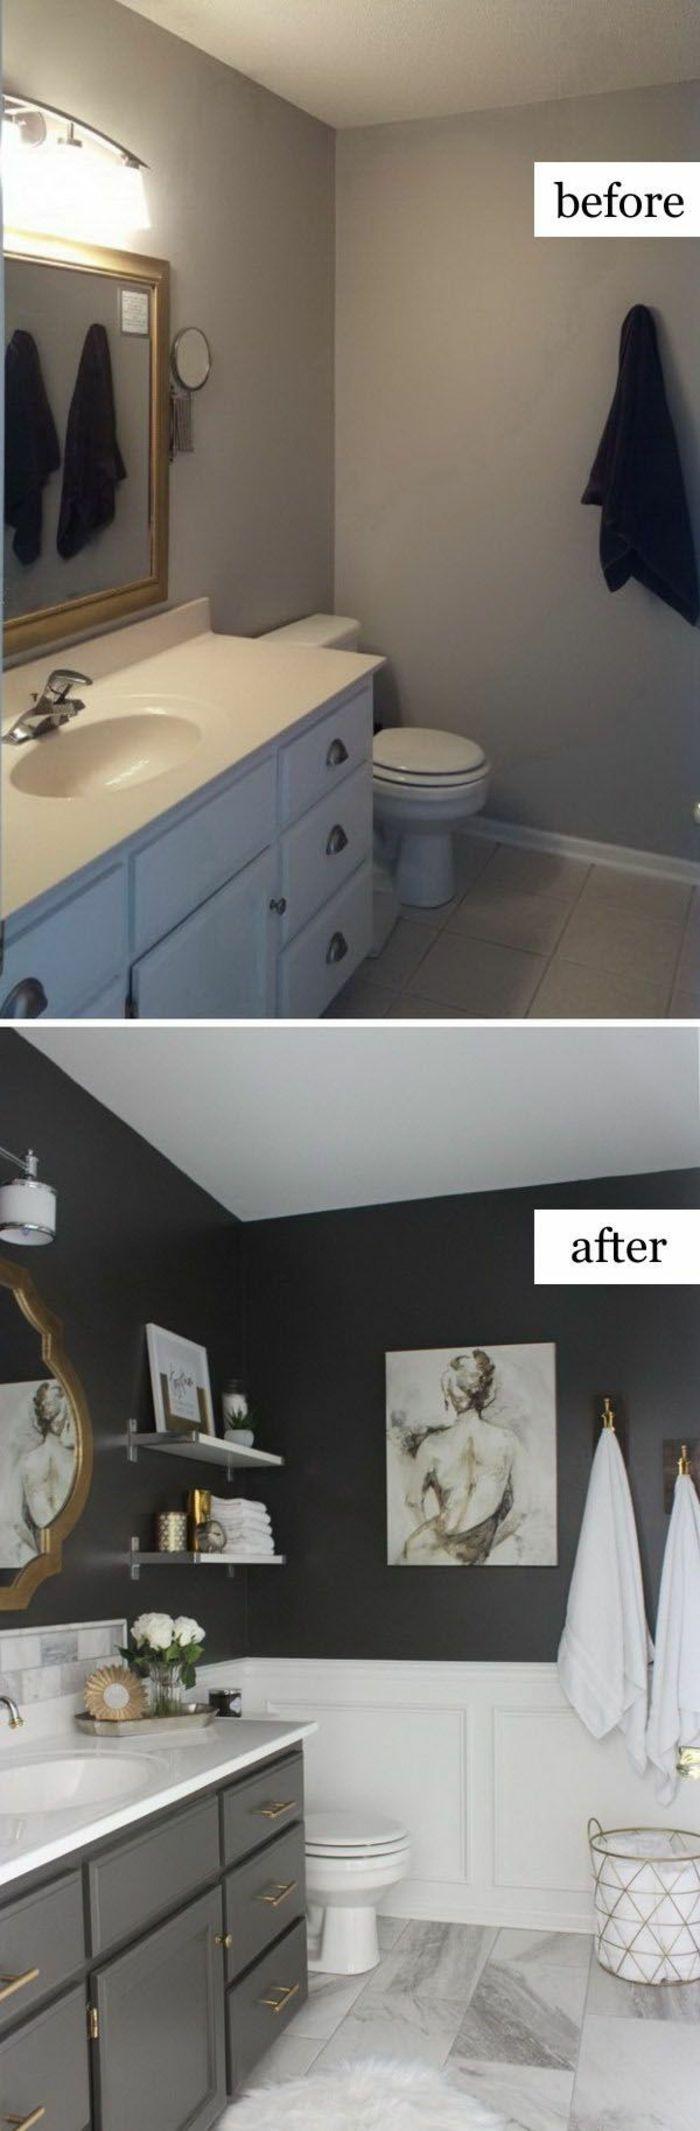 astuces comment choisir une couleur pour agrandir une pi ce mid century home remodels. Black Bedroom Furniture Sets. Home Design Ideas